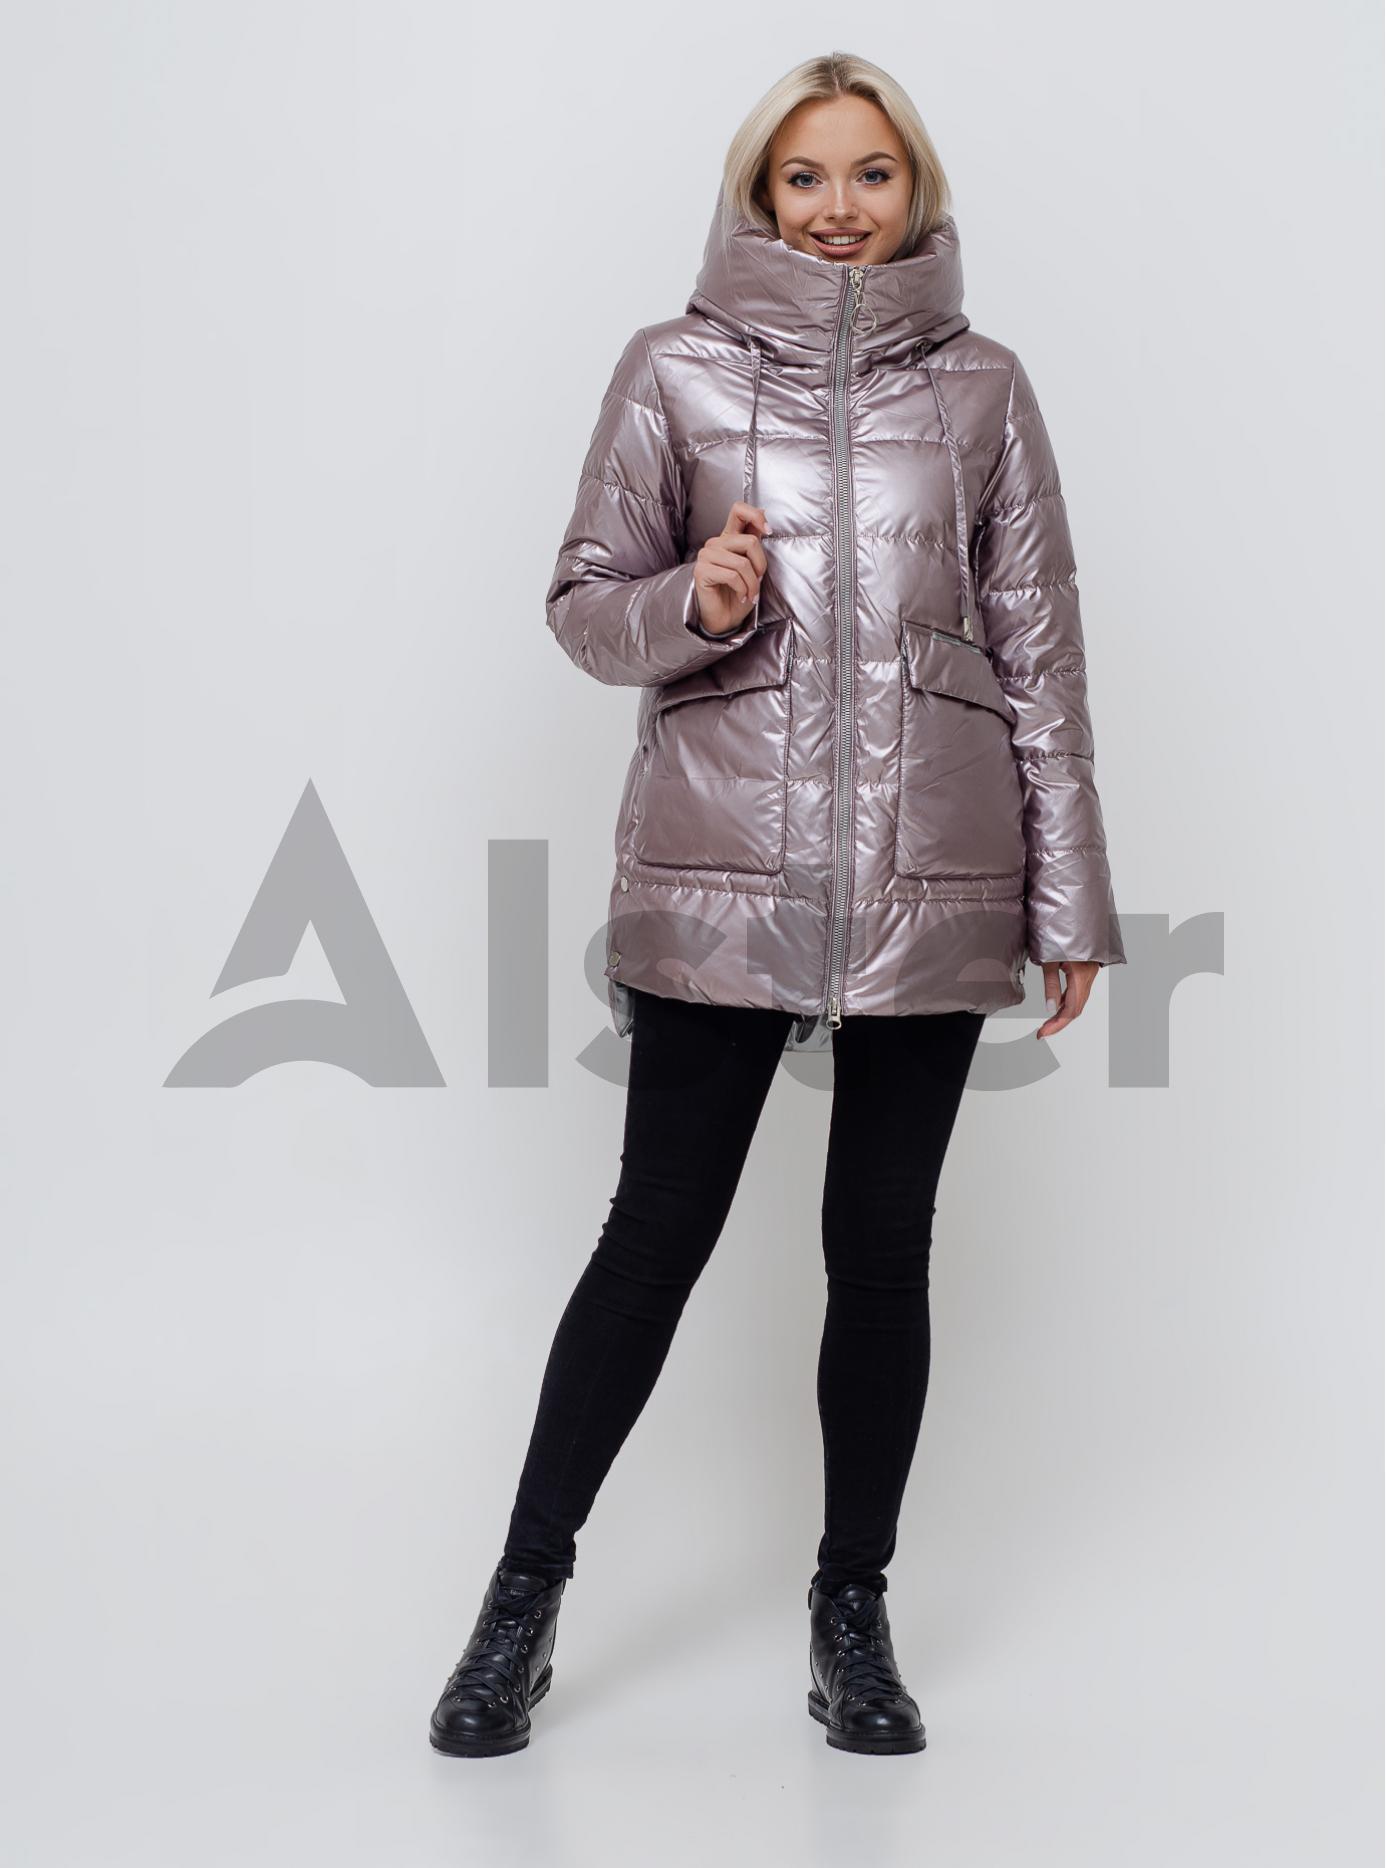 Куртка зимняя женская Светло розовый S (06-KL201090): фото - Alster.ua